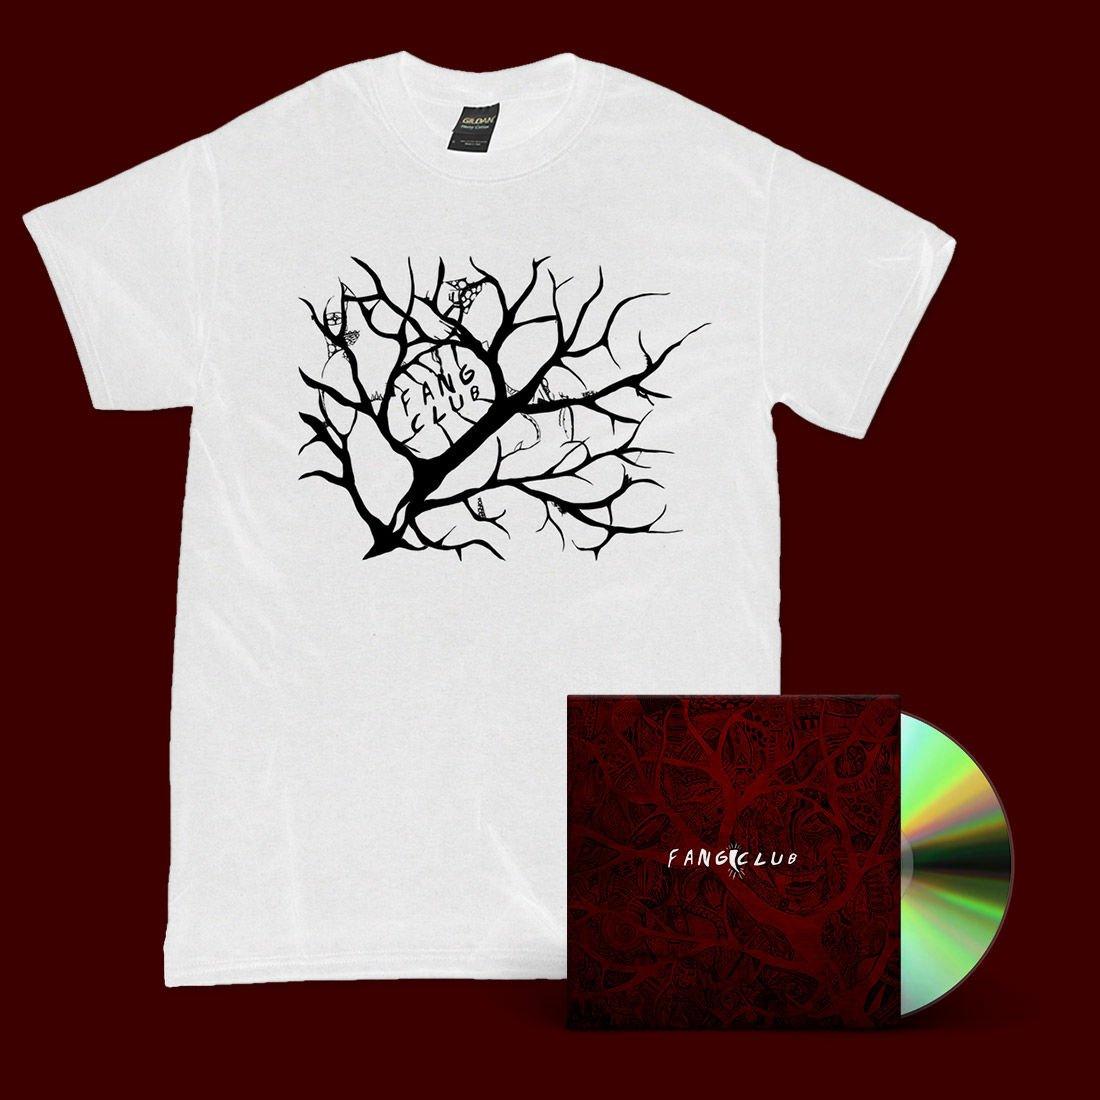 c71ce058d Can't go wrong, plus the albums' great. #Rock  https://shop.virginemi.com/fangclub/*/*/Fangclub-Signed-CD-T-Shirt-Bundle/5IPN0000000?vib=78026001D  …